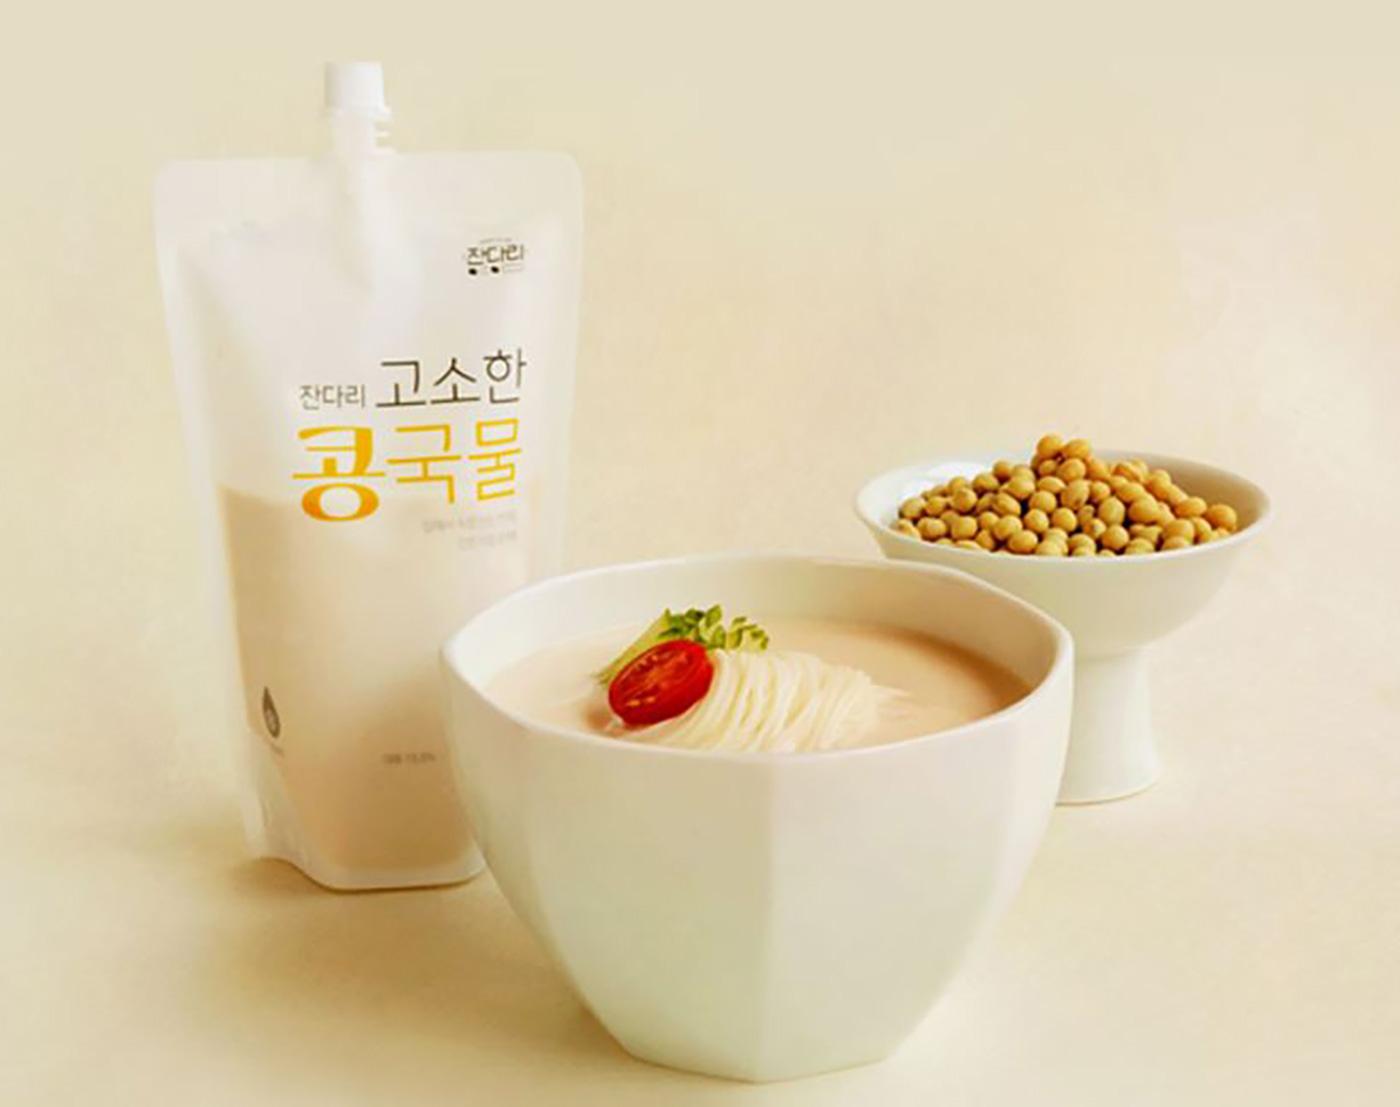 잔다리 고소한 콩국물/잔다리 고소한 콩국물 340g 5팩 상세이미지1